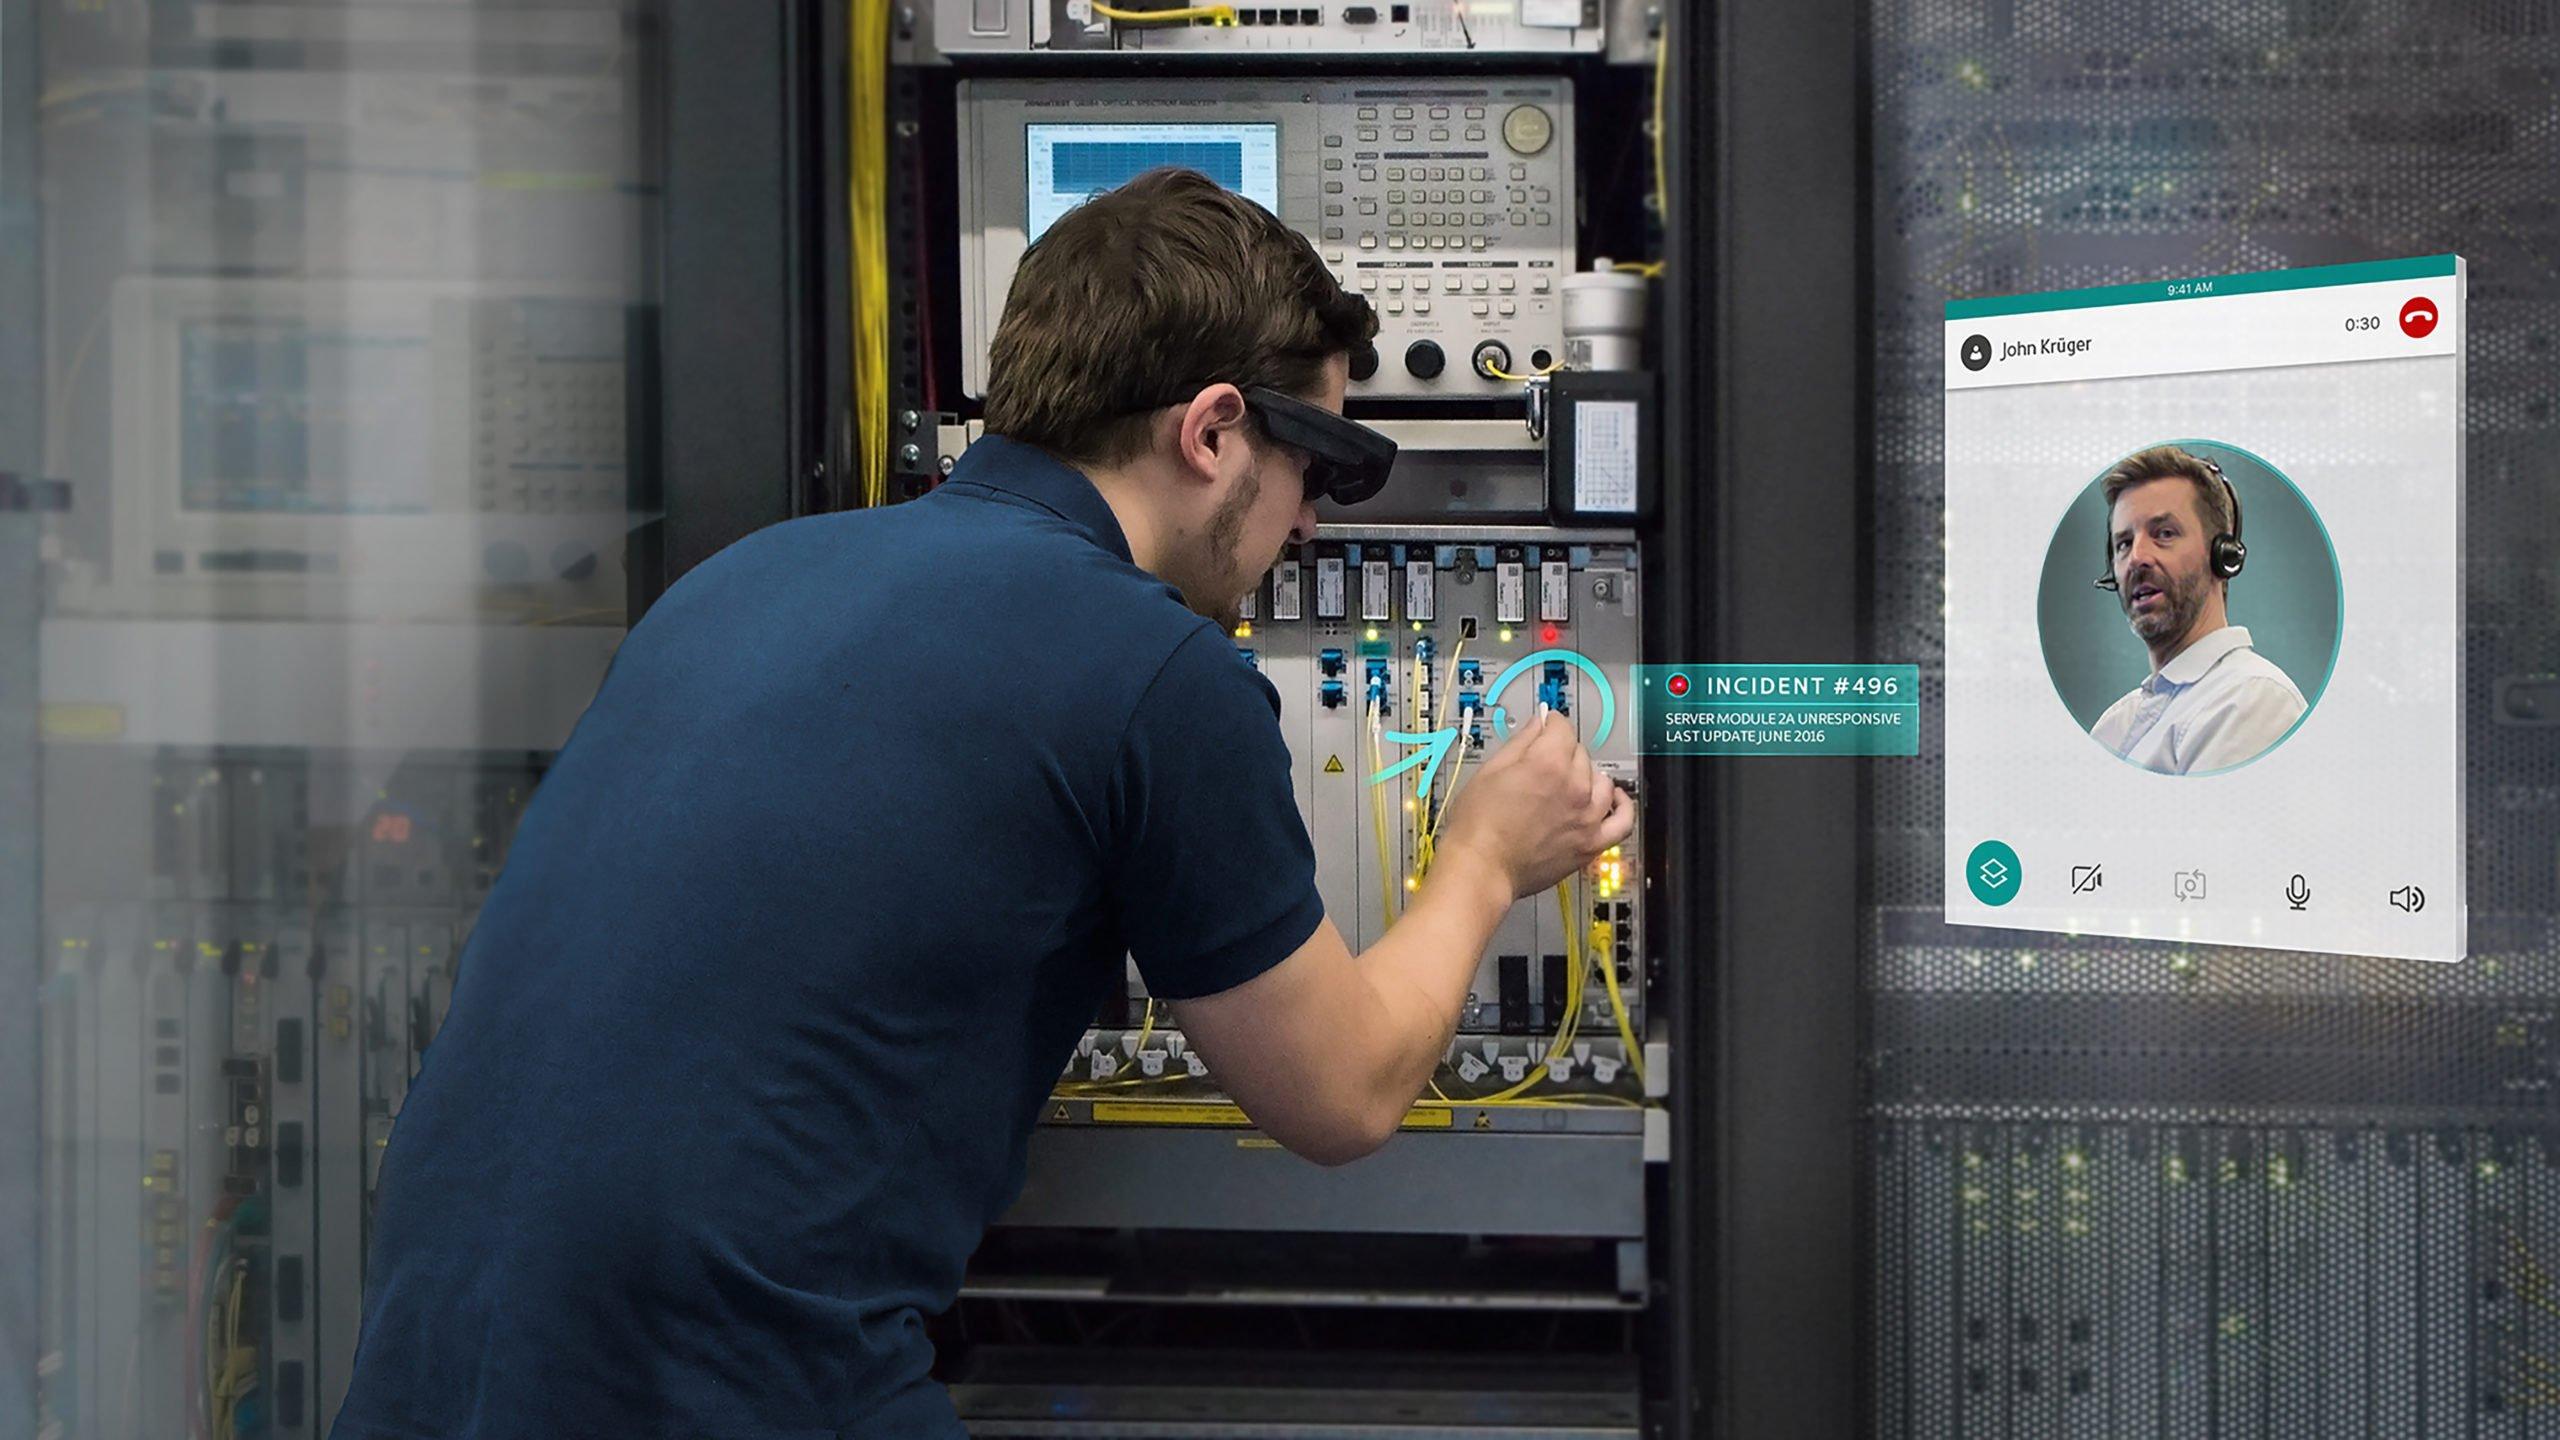 Reflekt Remote zeigt Arbeiter, der von zugeschaltetem Experten AR-Markierungen an einem Schaltkasten bekommt